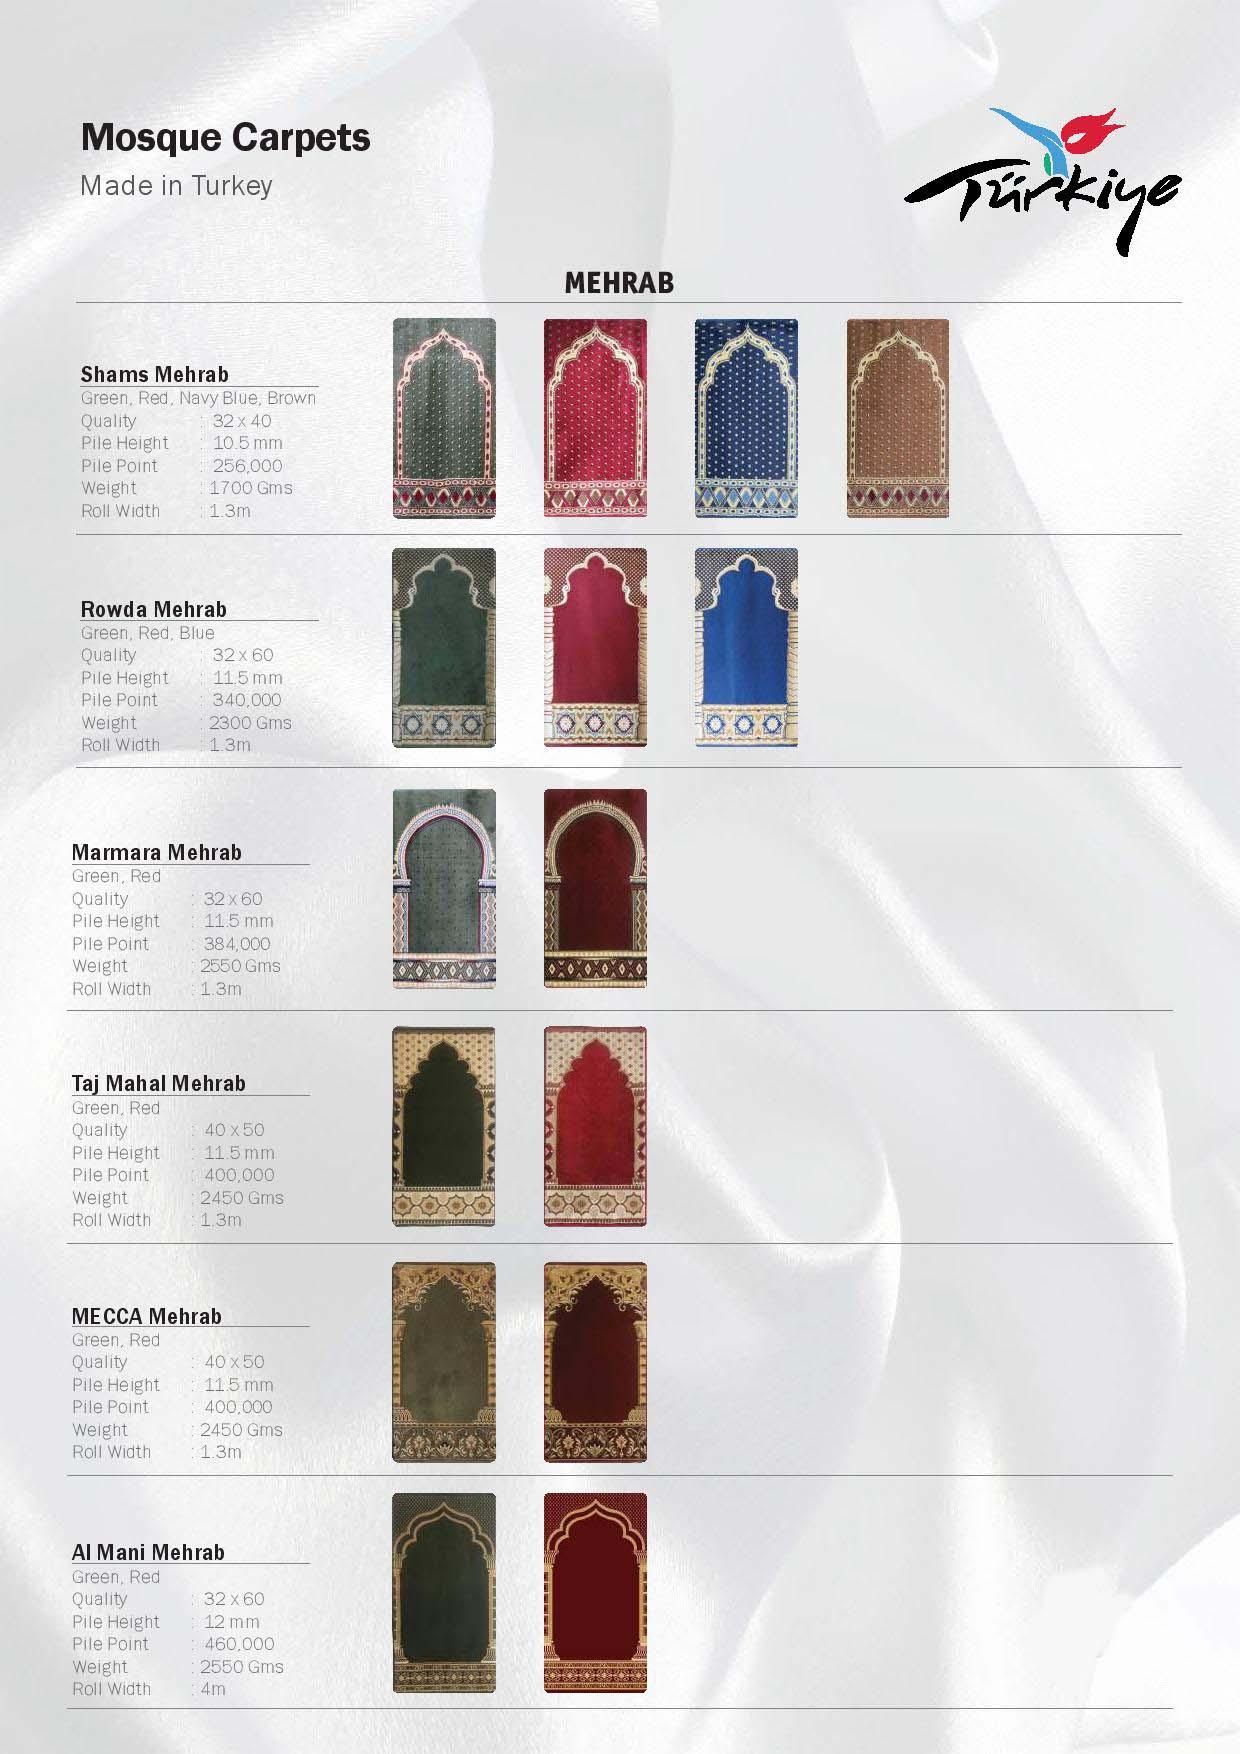 92468262Mosque Carpets-page-002 copy